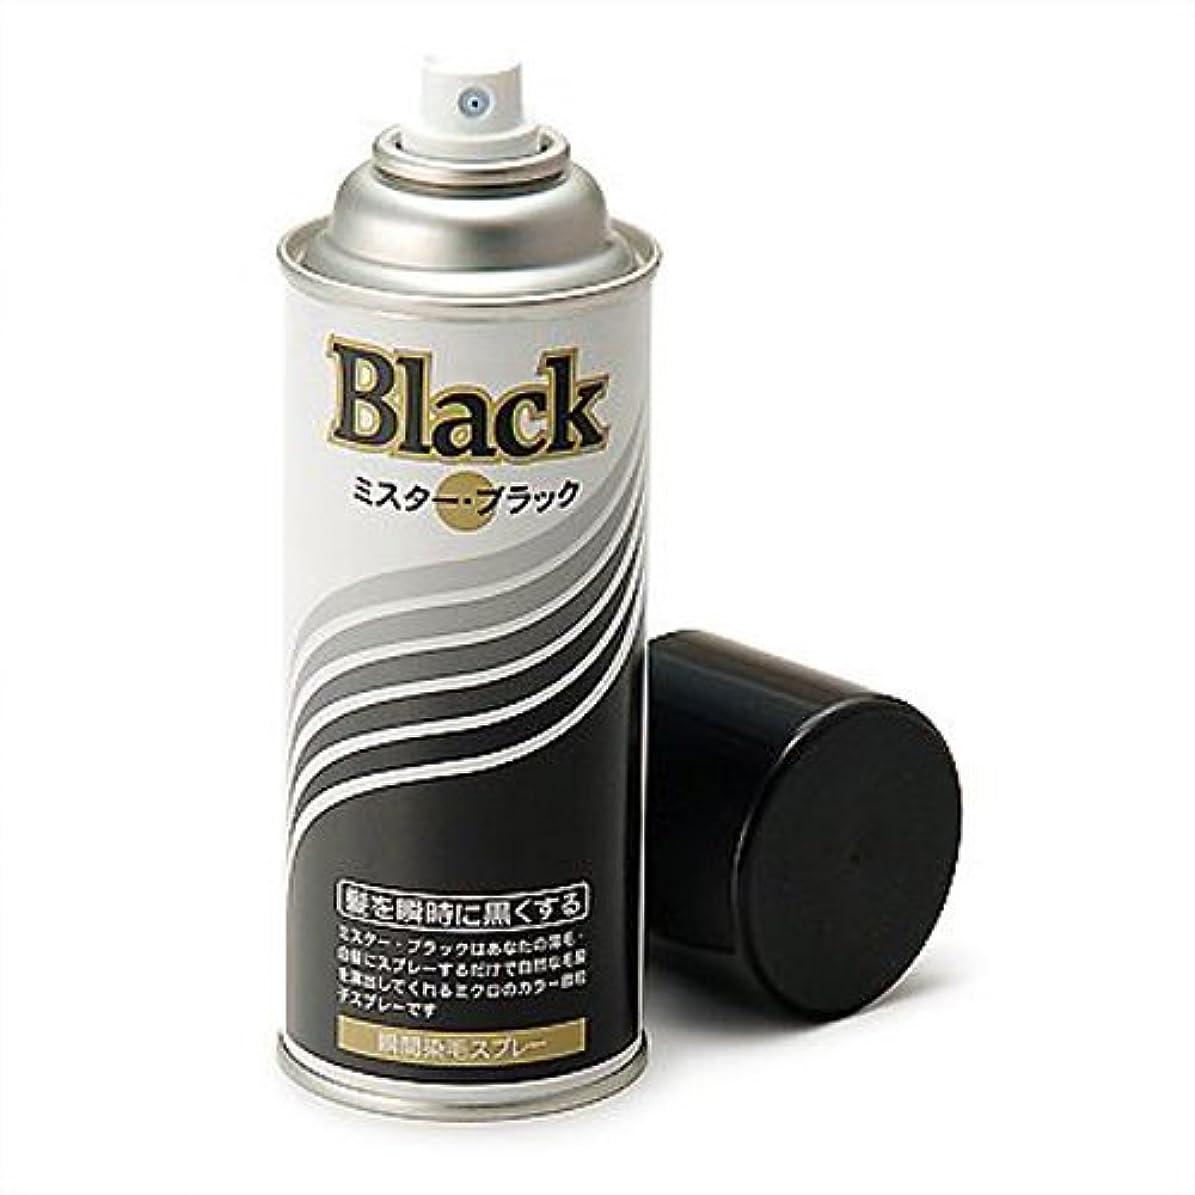 概してポスター水増毛スプレー剤で薄毛を瞬時で増毛にするミスターブラック1本